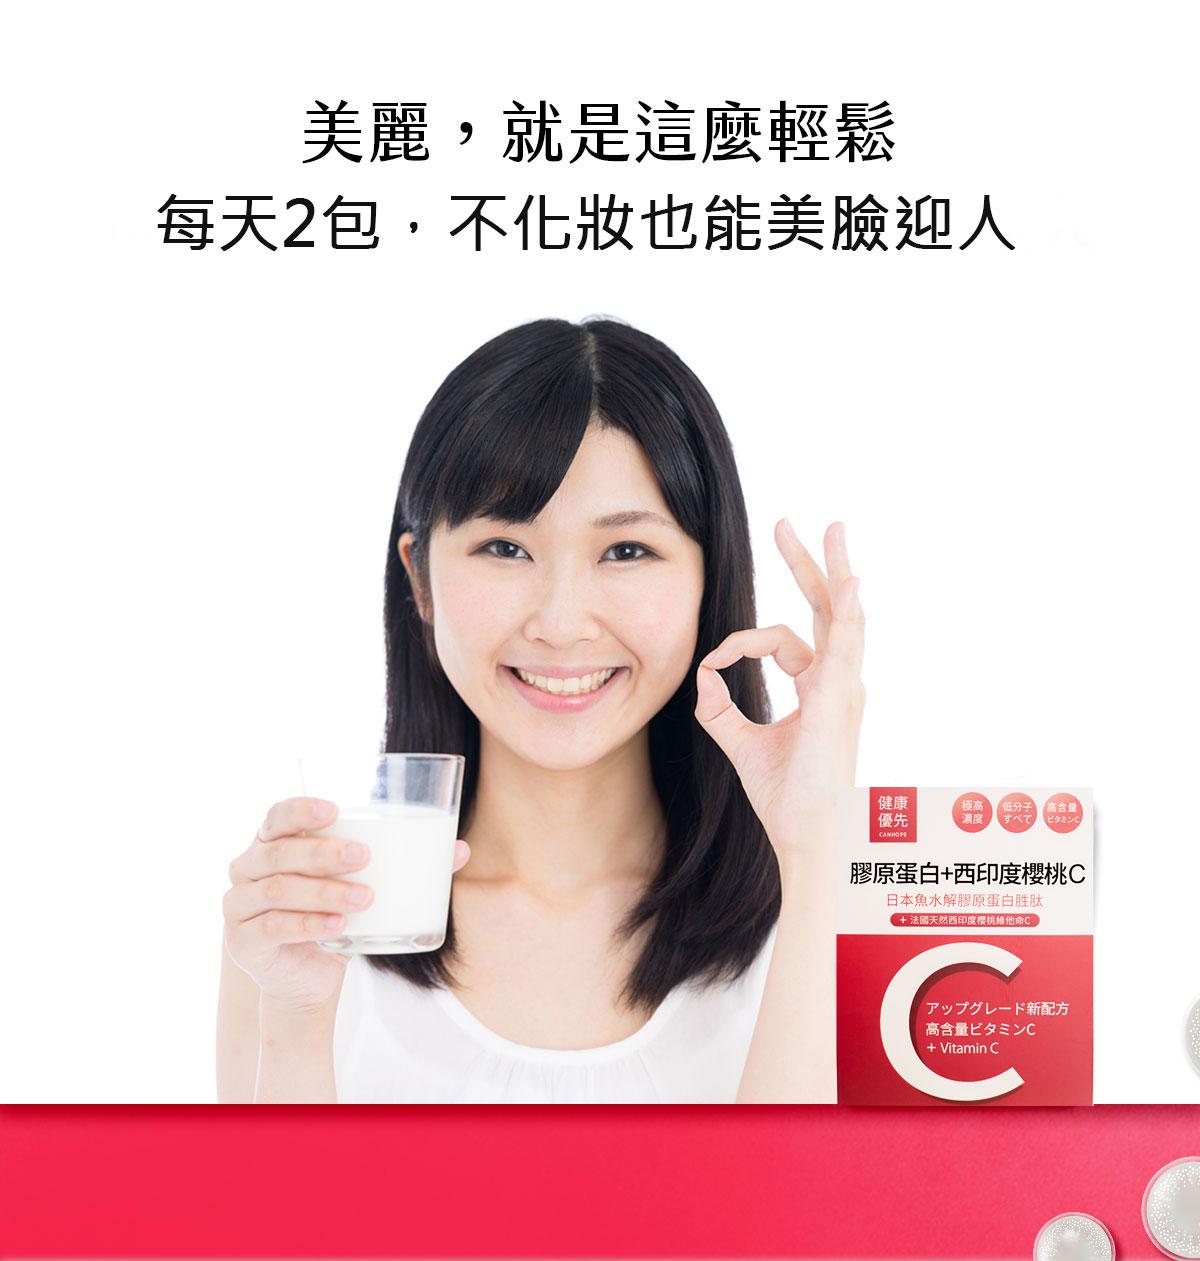 日本膠原蛋白+西印度櫻桃C盒裝-每天2包美麗就是這麼輕鬆吃膠原蛋白-0800-800-924